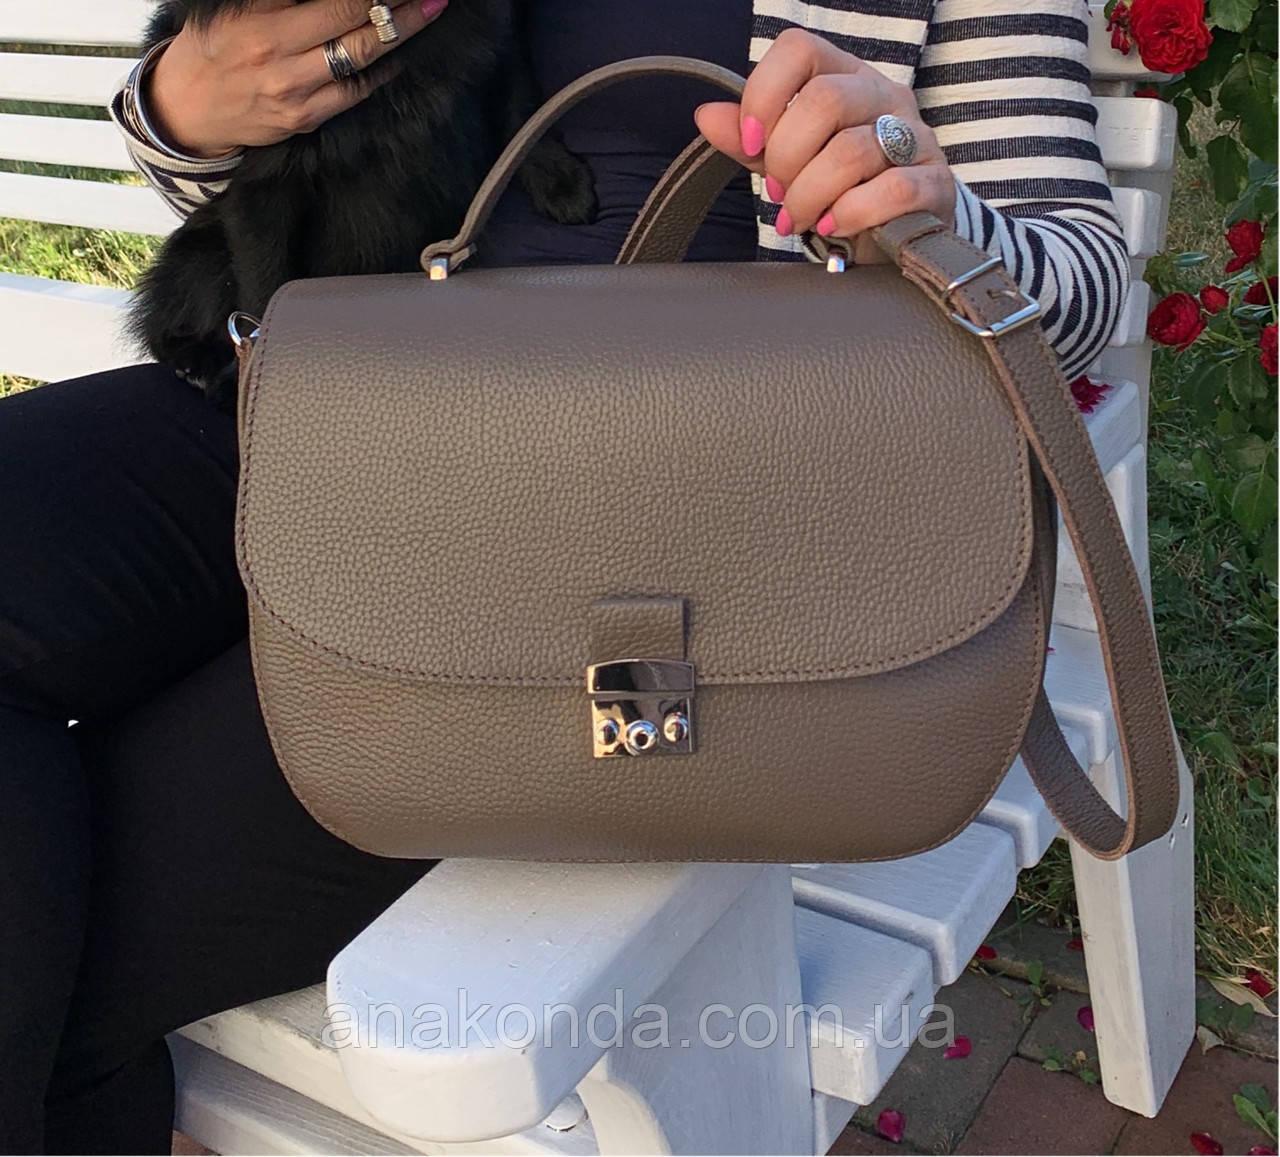 582 Натуральная кожа Сумка женская бежевая Кожаная сумка кофейная кожаная сумка светло коричневая женская